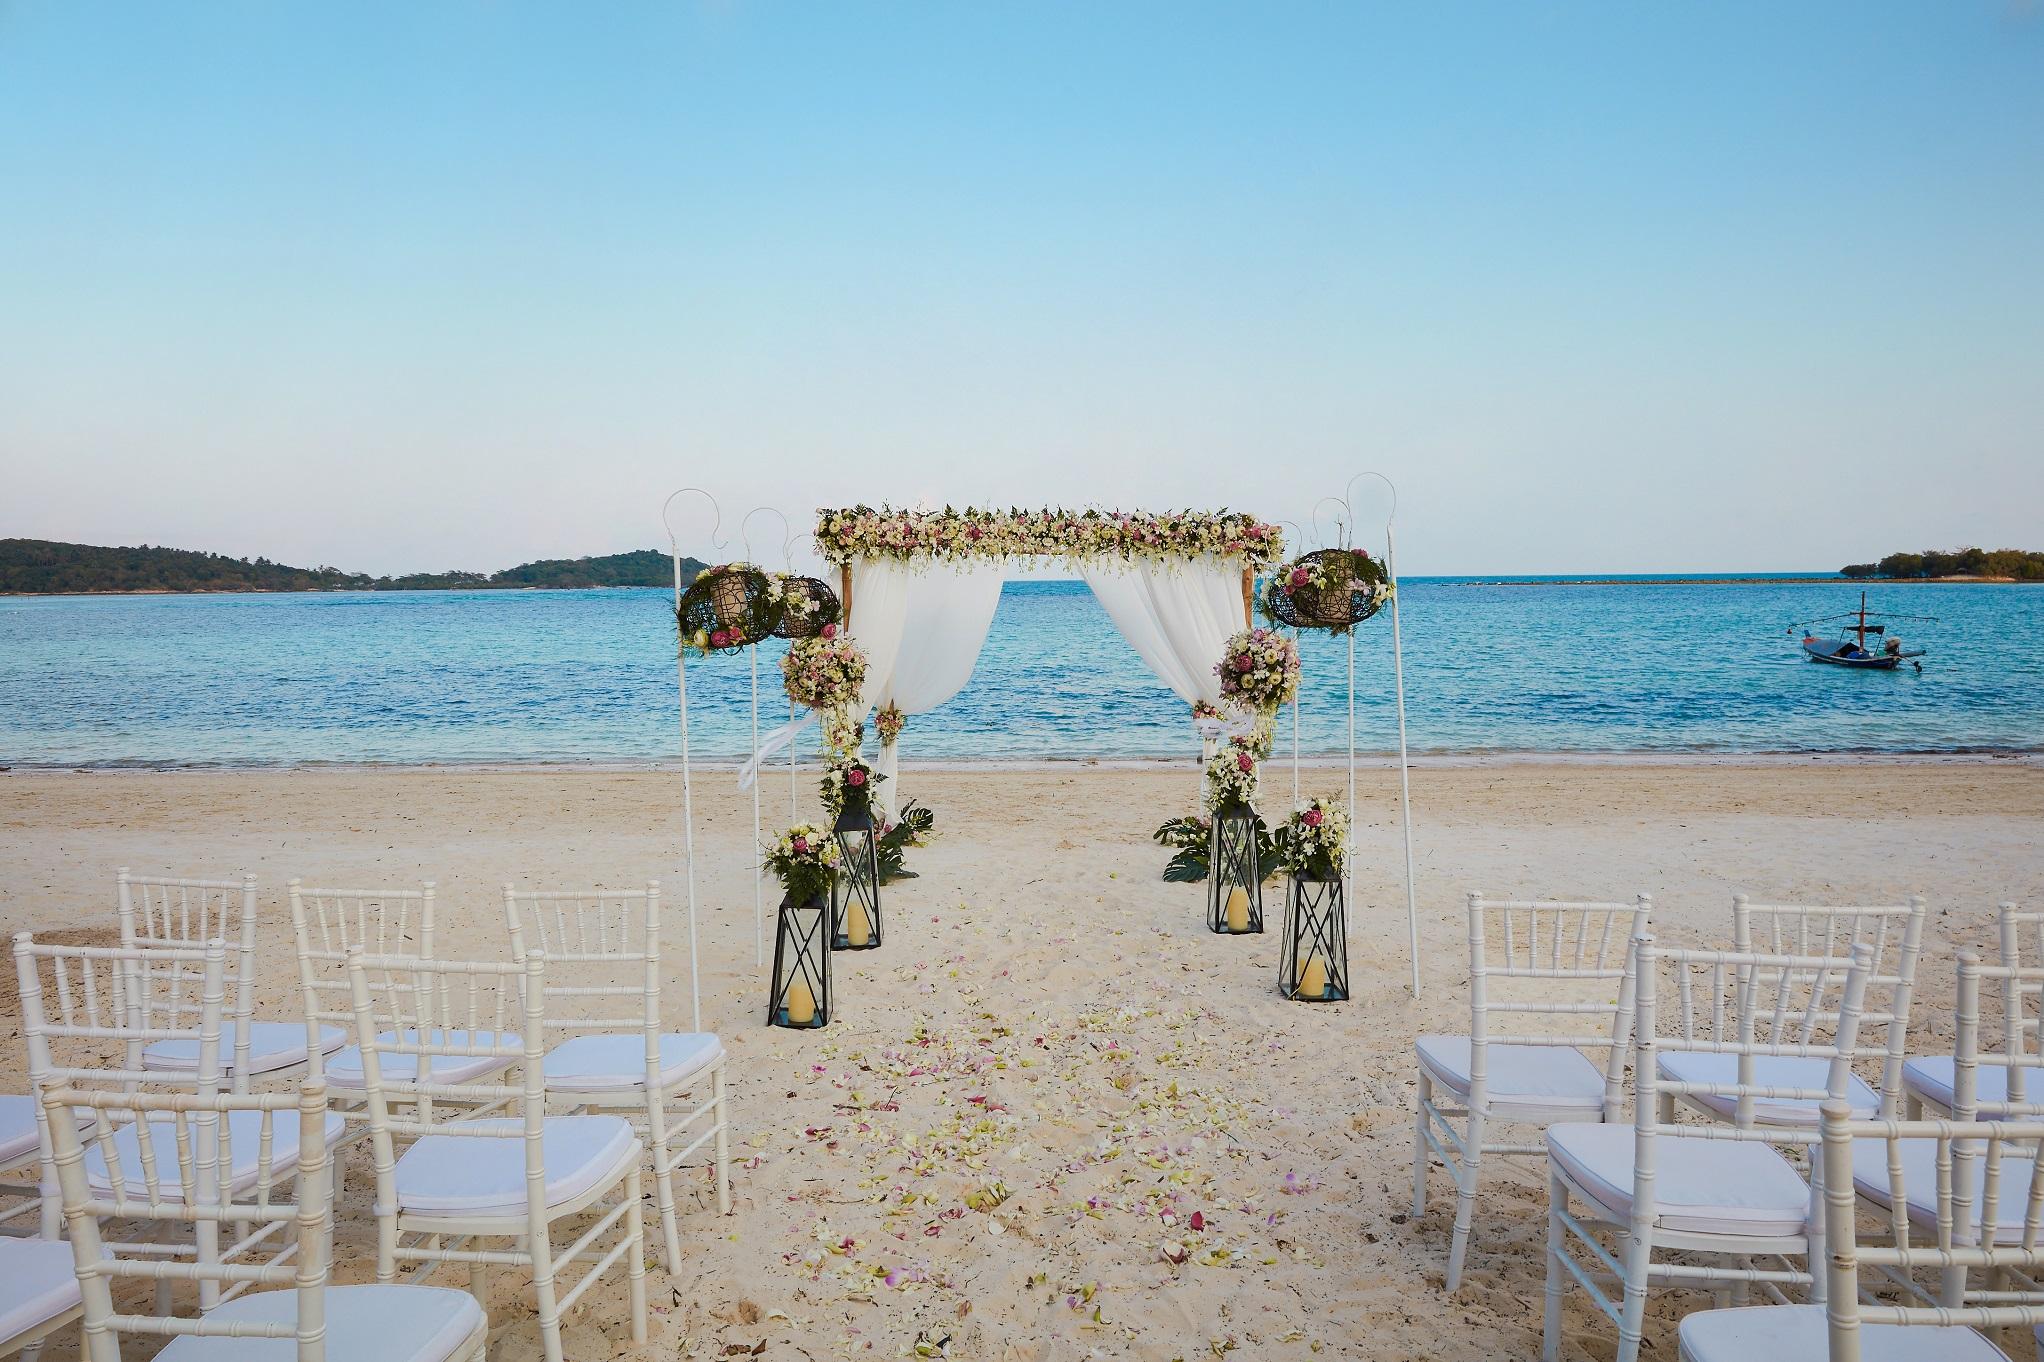 海岛婚礼干货 打造你自己的海岛婚礼(一)